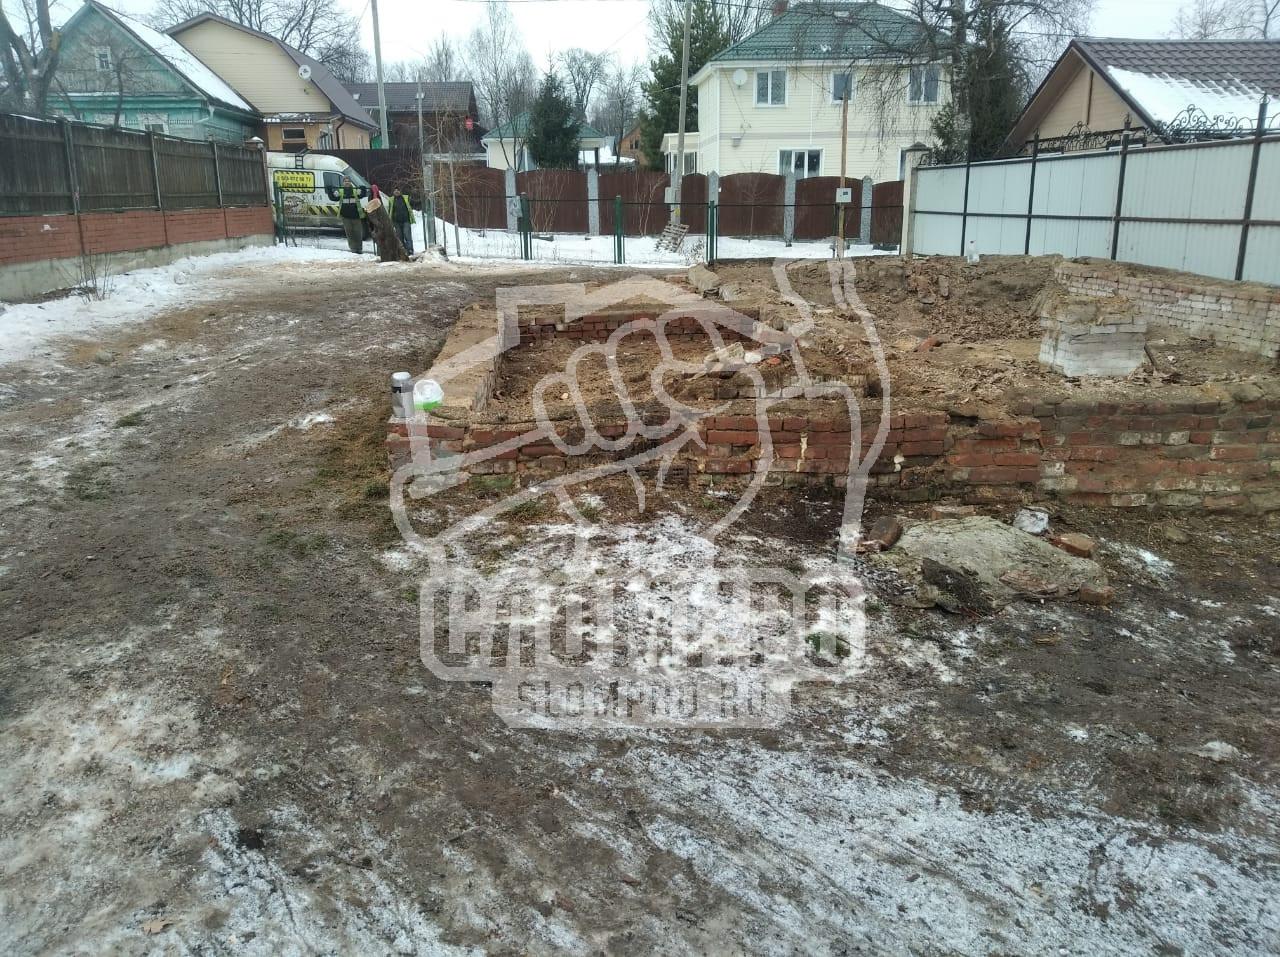 Вид фундамента дома после его демонтажа